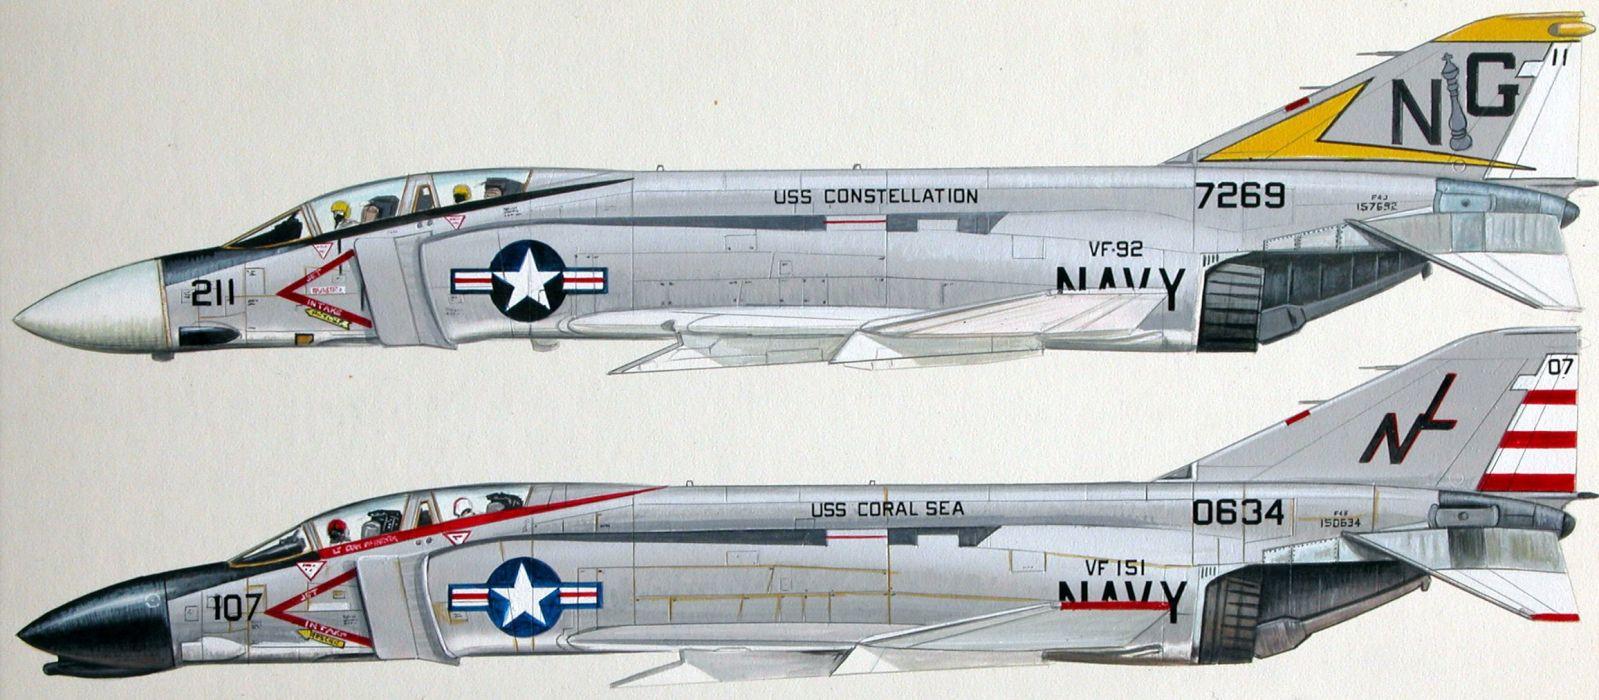 F-4 fighter jet bomber phantom airplane plane military (13) wallpaper